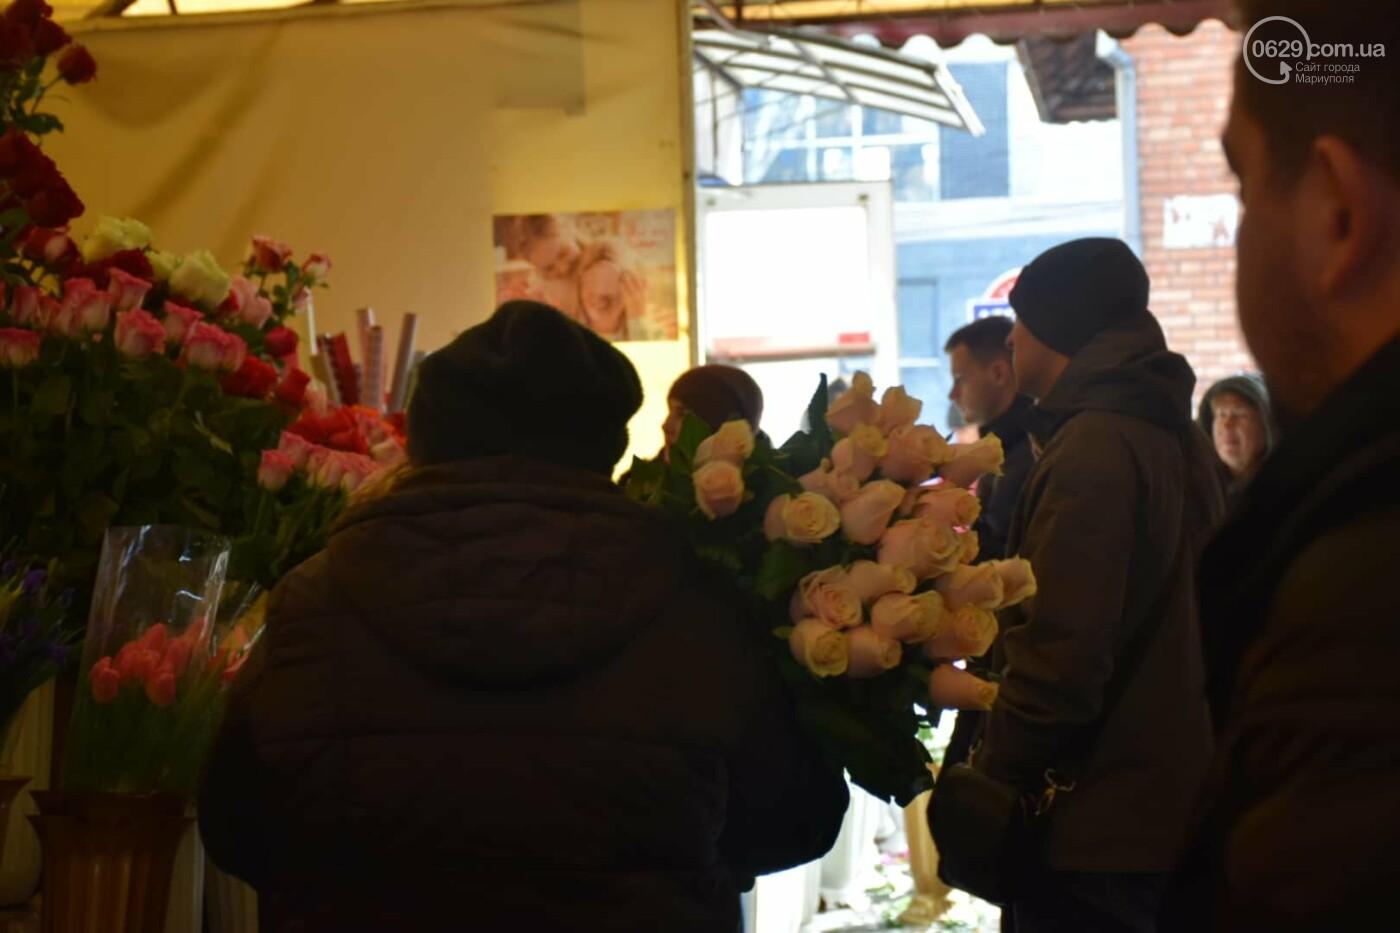 День Святого Валентина в Мариуполе: цветы, шары и мужчины-романтики, - ФОТОРЕПОРТАЖ, фото-3